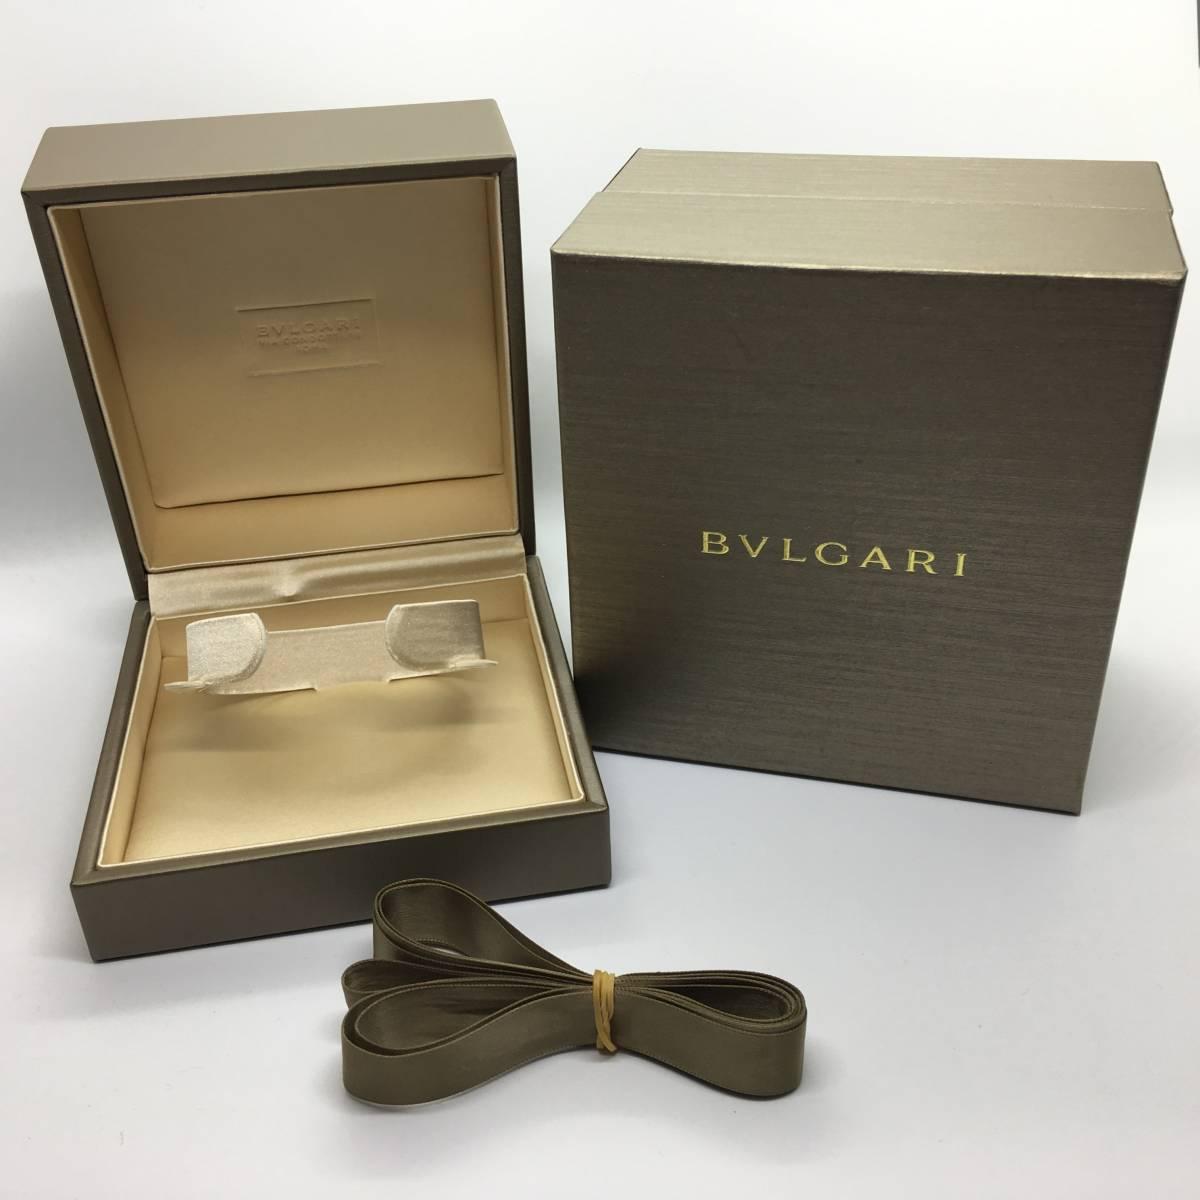 05255 ブルガリ BVLGARI 箱 ケース ボックス 純正 バングル ブレスレット 美品